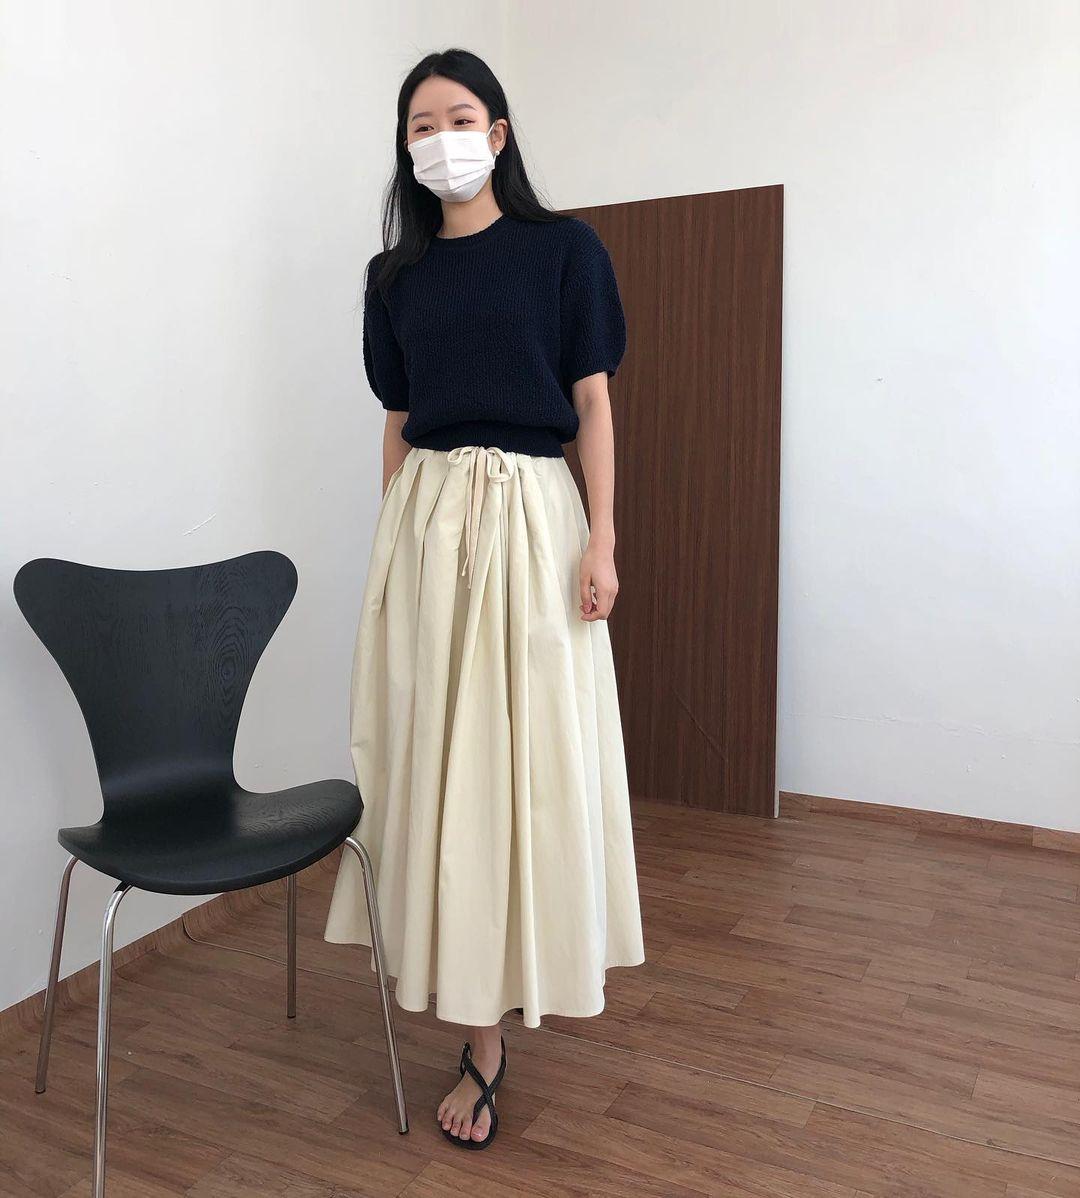 Nàng blogger Hàn có biệt tài diện toàn đồ đơn giản mà ai cũng muốn copy theo, diện đi làm hay đi chơi cũng ổn - Ảnh 5.